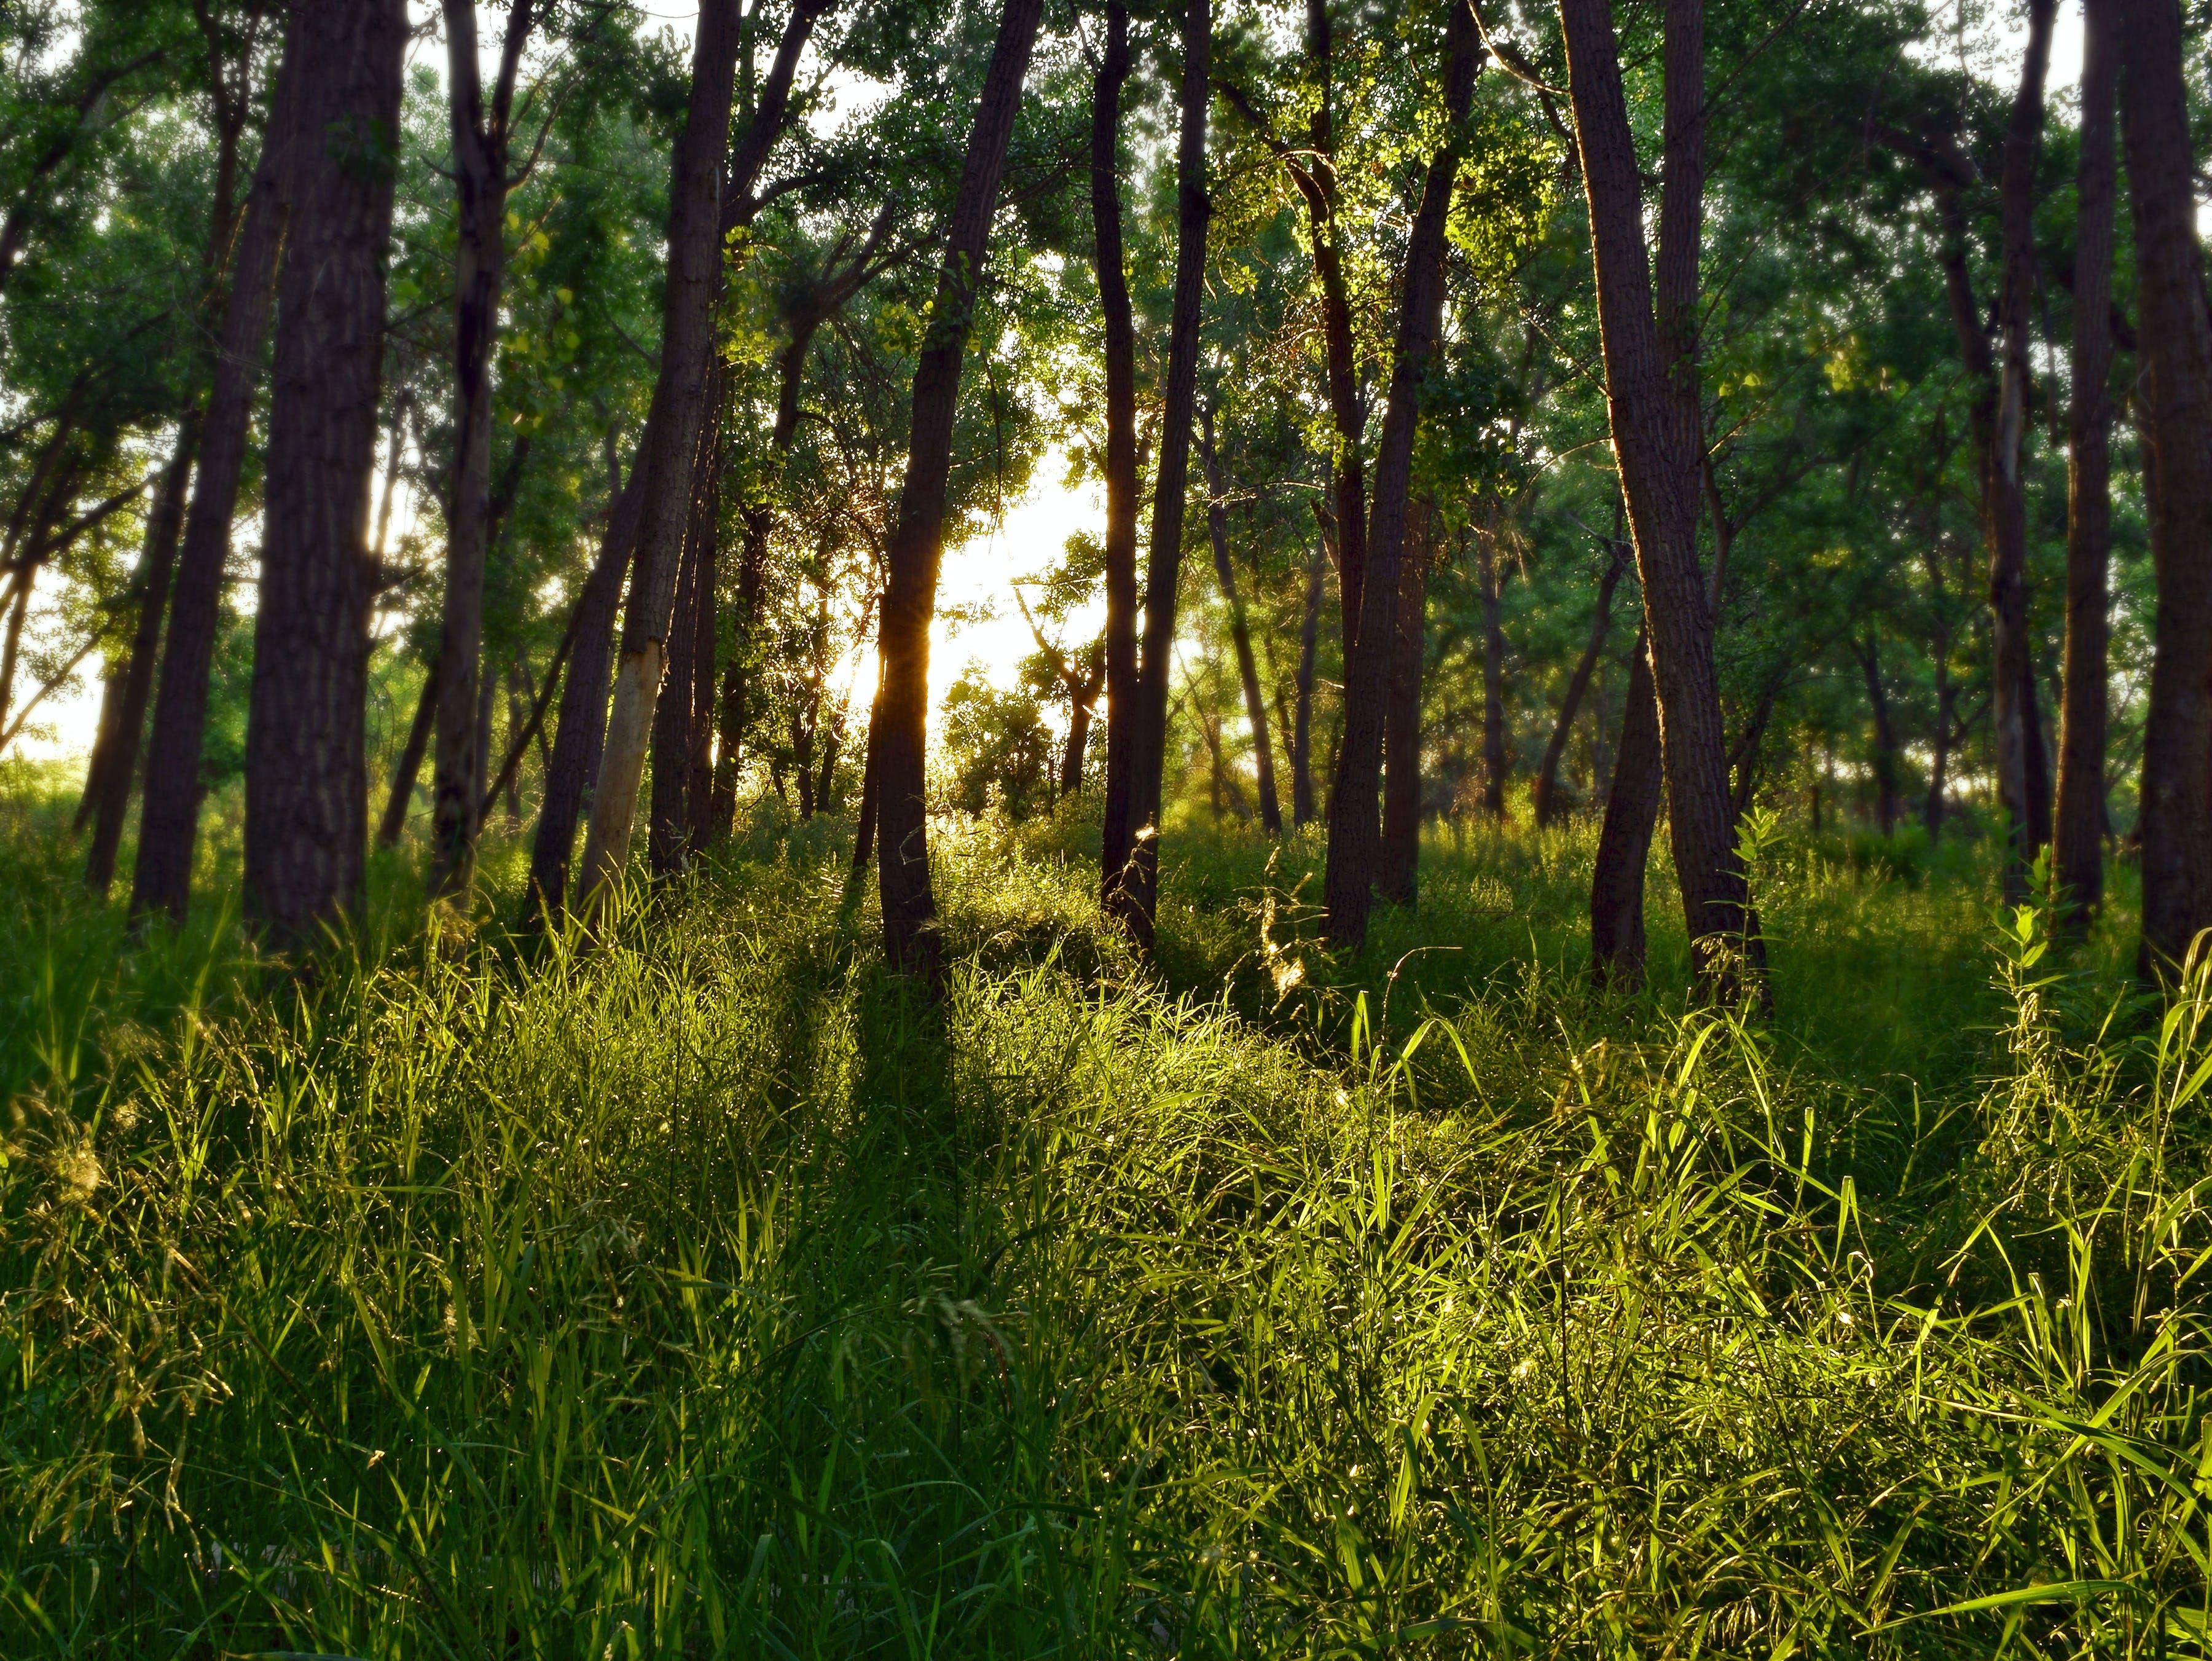 日光, 木, 森の中, 森林の無料の写真素材